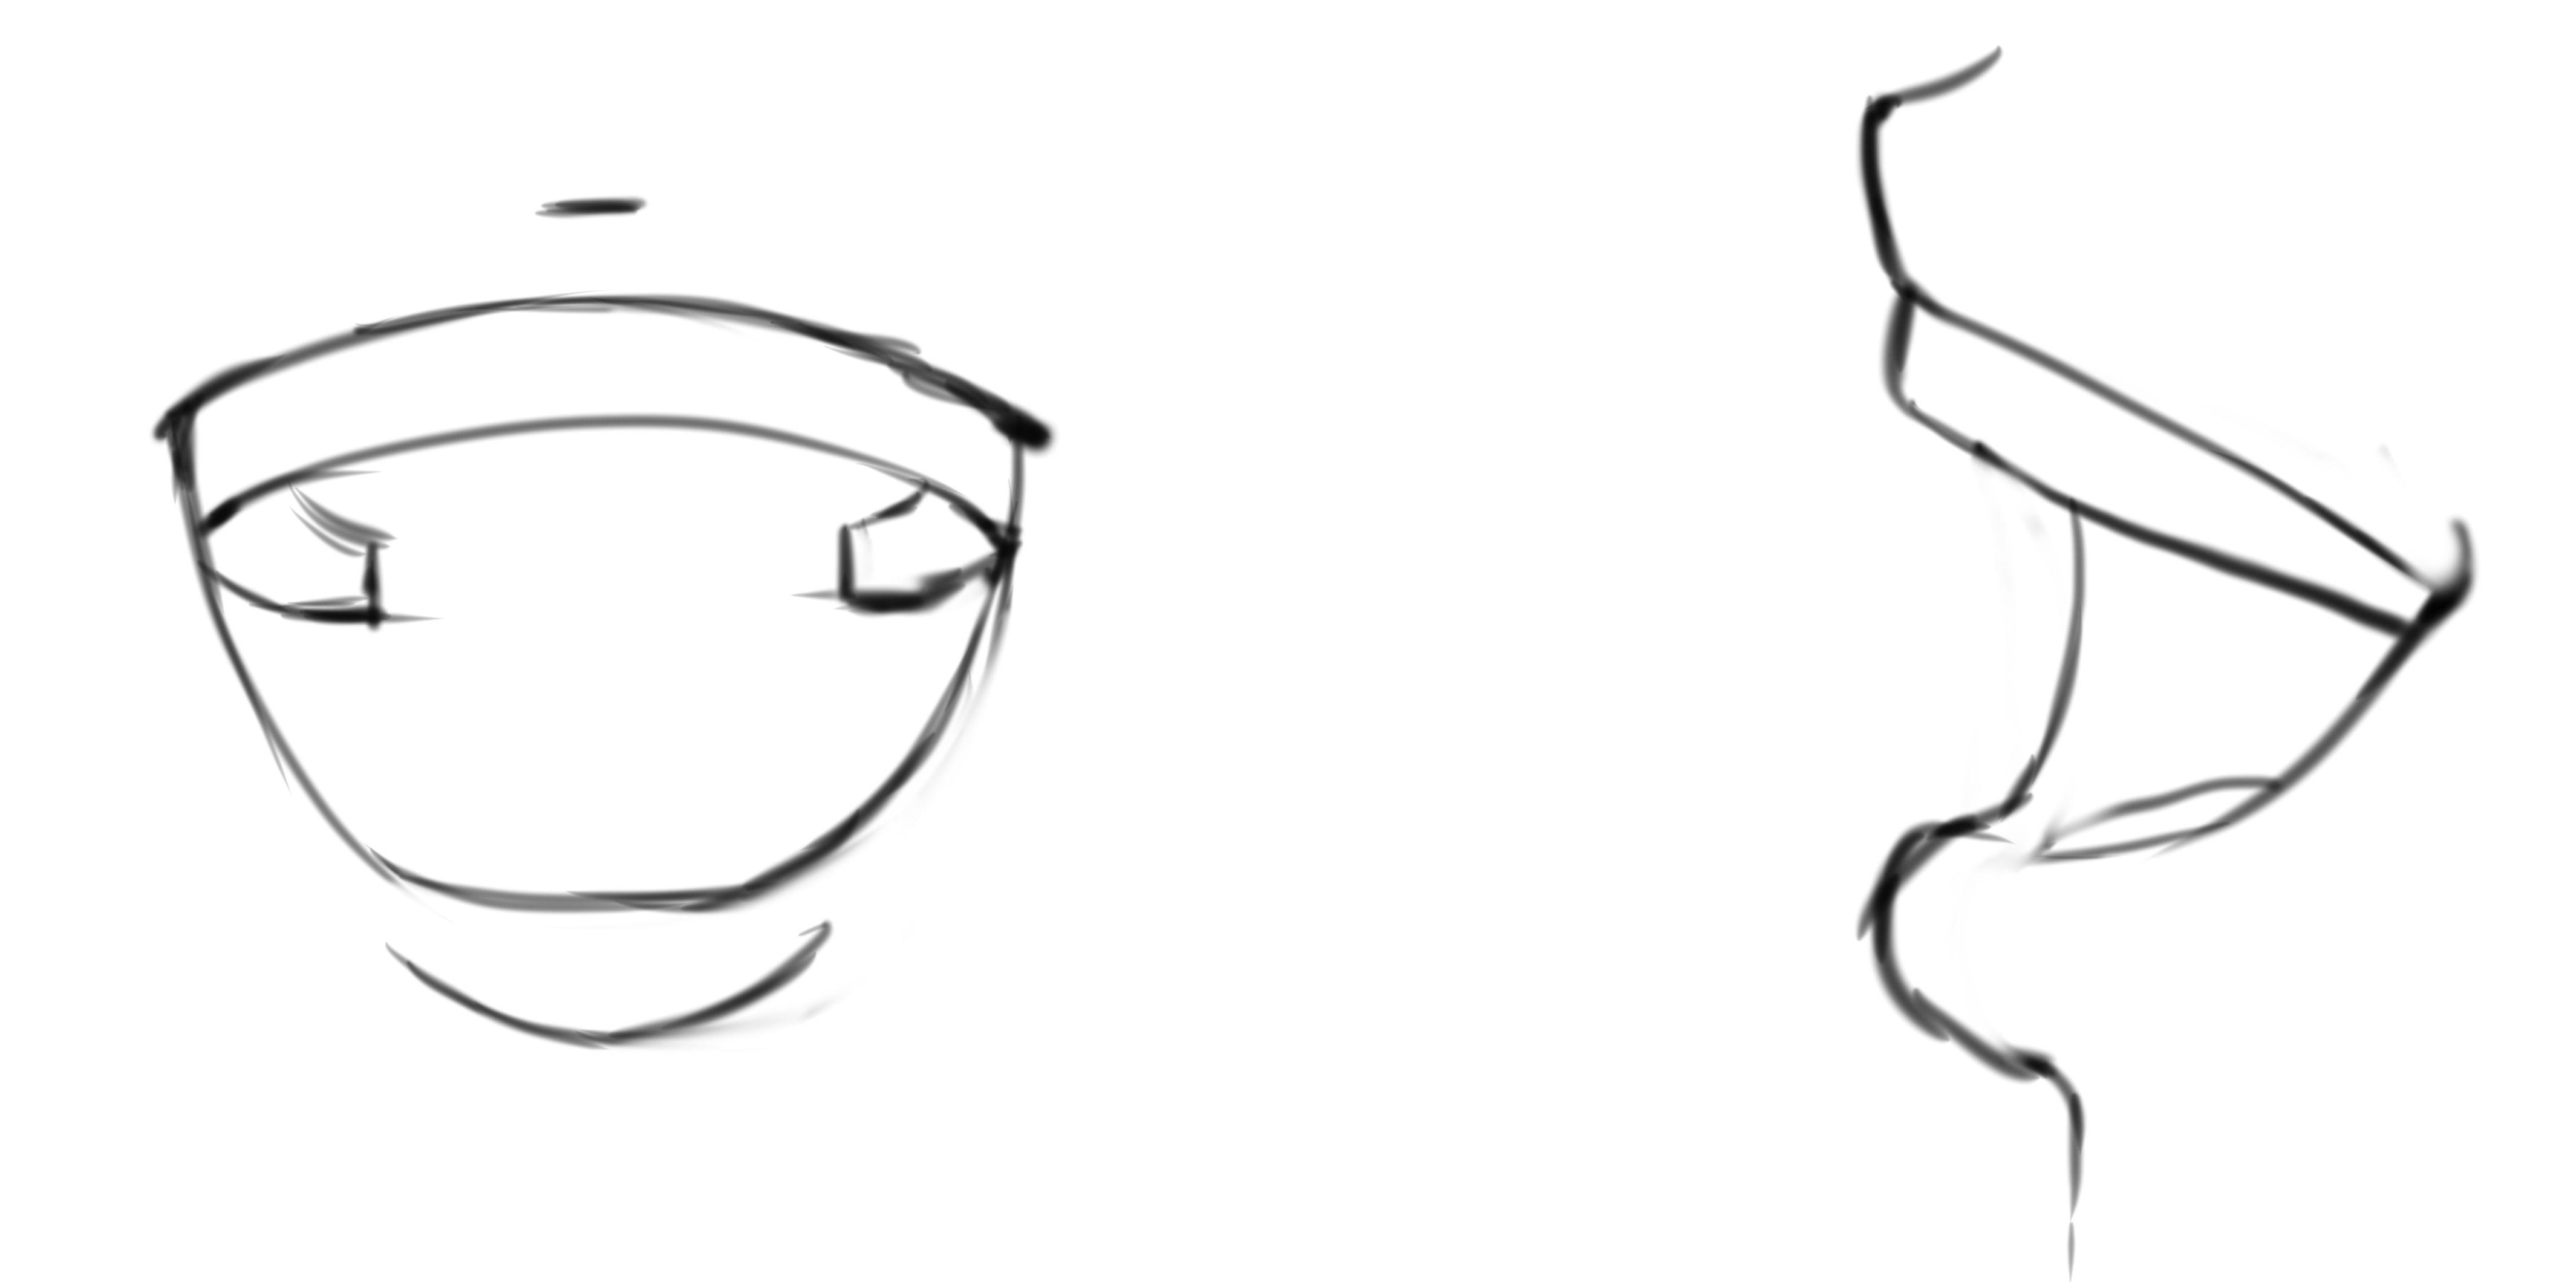 第4课 嘴巴图片